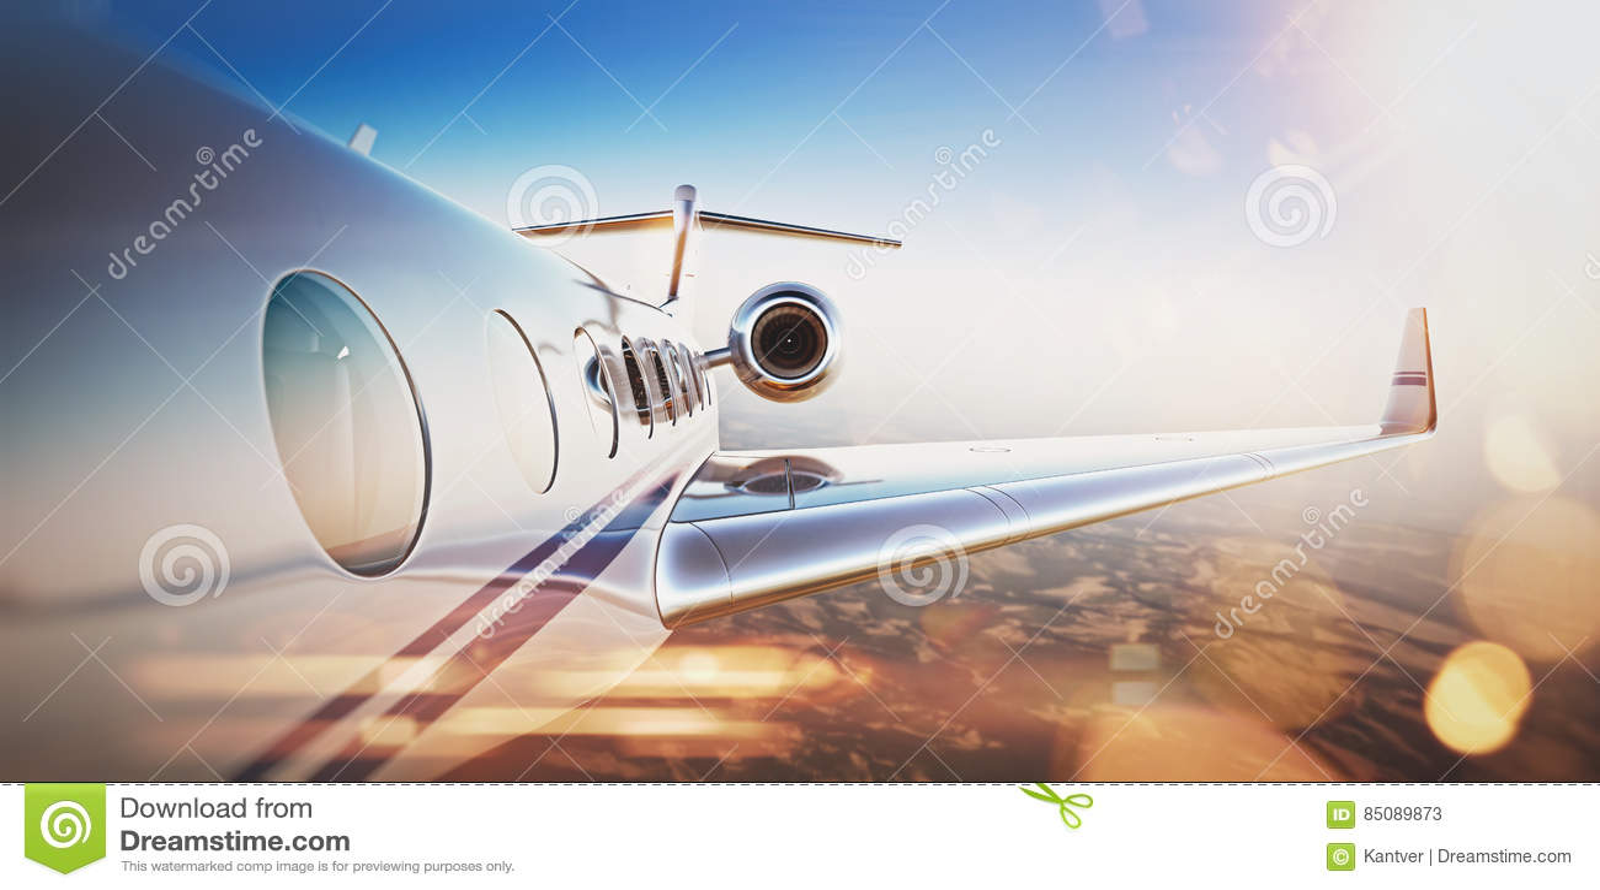 企业时钟概念另外显示的时间时区旅行 白色豪华私人喷气式飞机飞行普通设计在蓝天的在日落 无人居住的沙漠